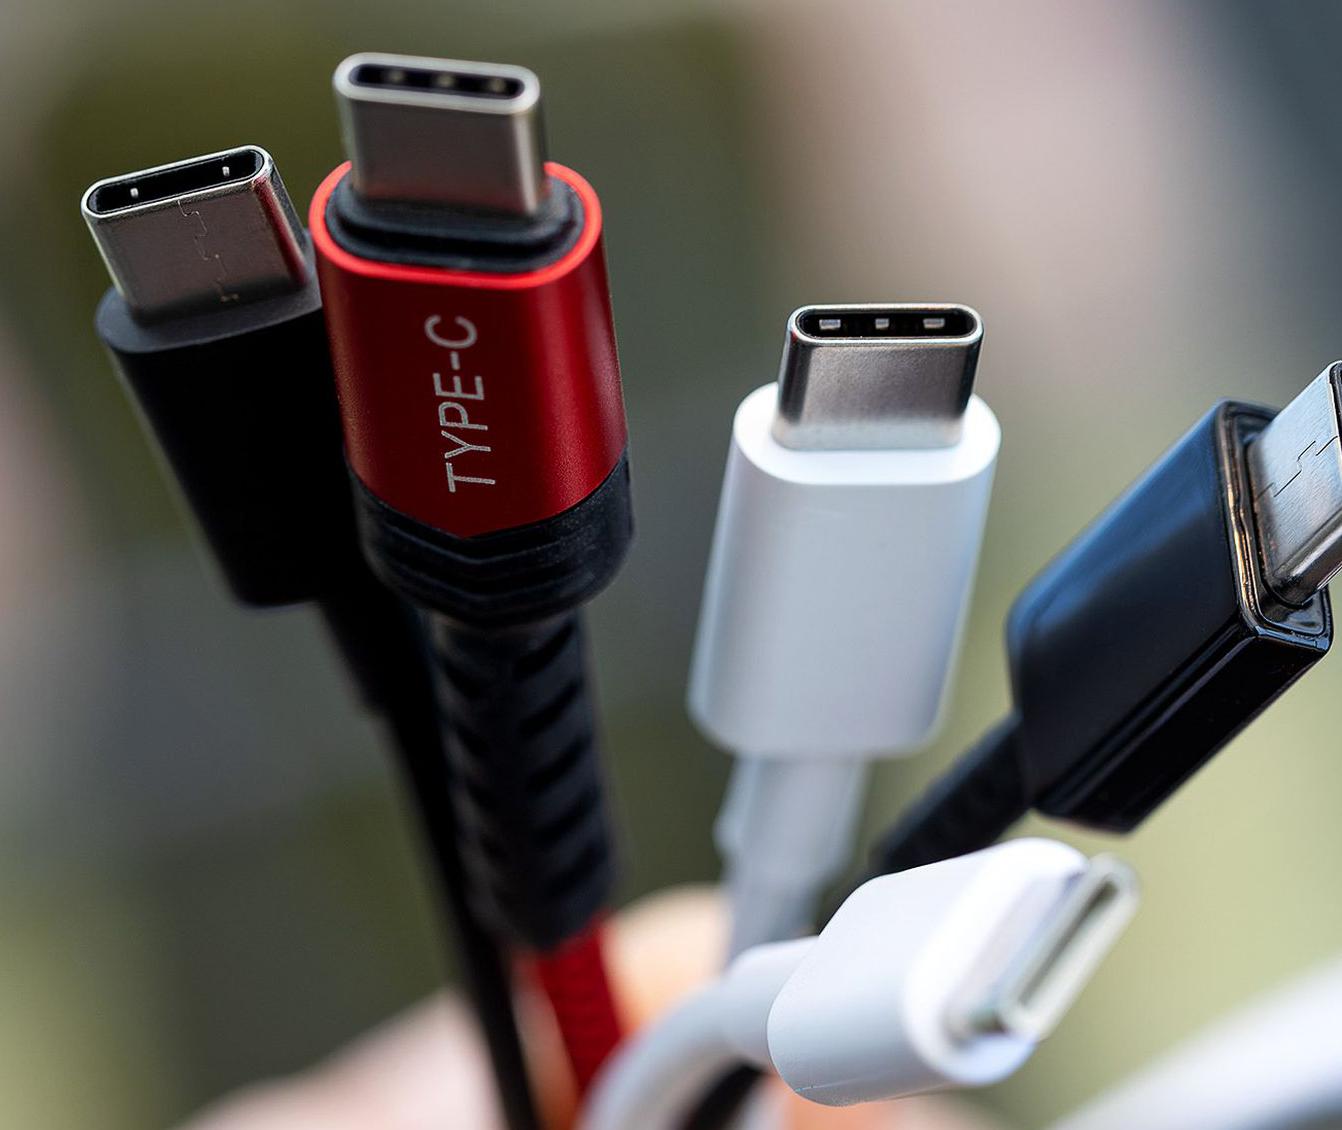 صورة معايير DisplayPort الجديدة تدعم شاشات بدقة 16K عبر USB-C